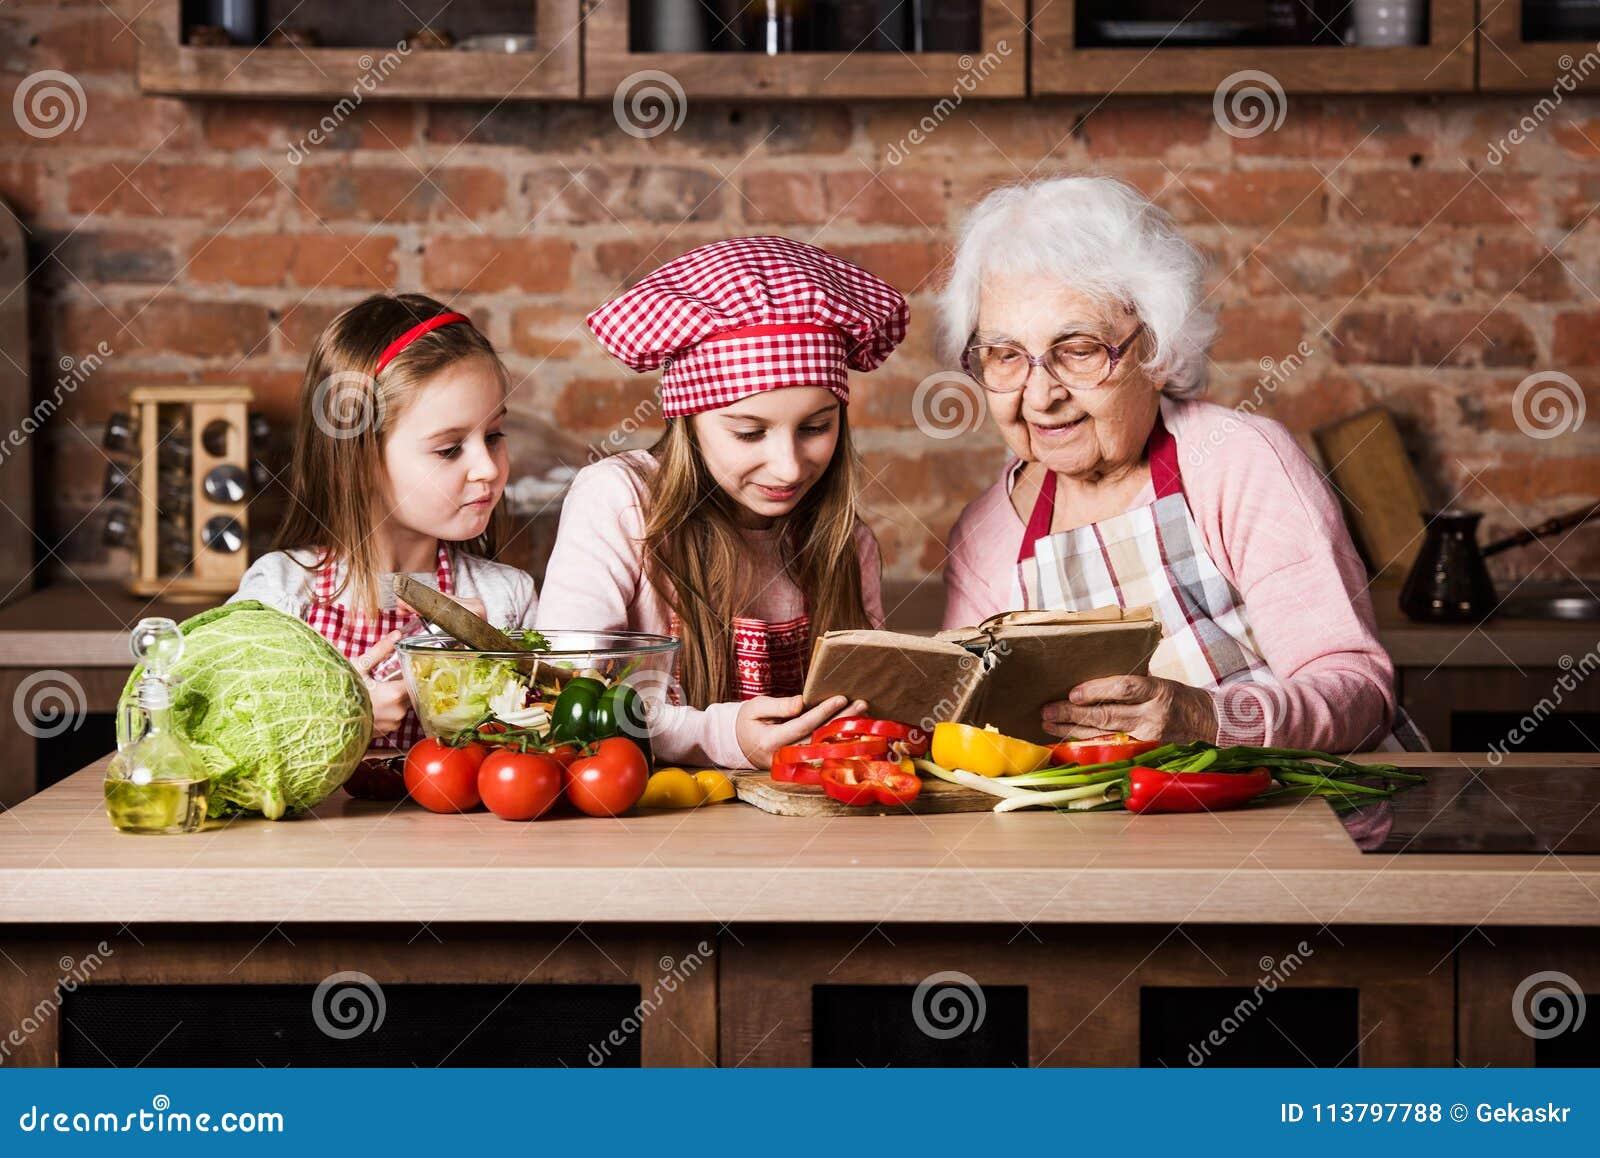 Abuelita con dos nietas que leen receta